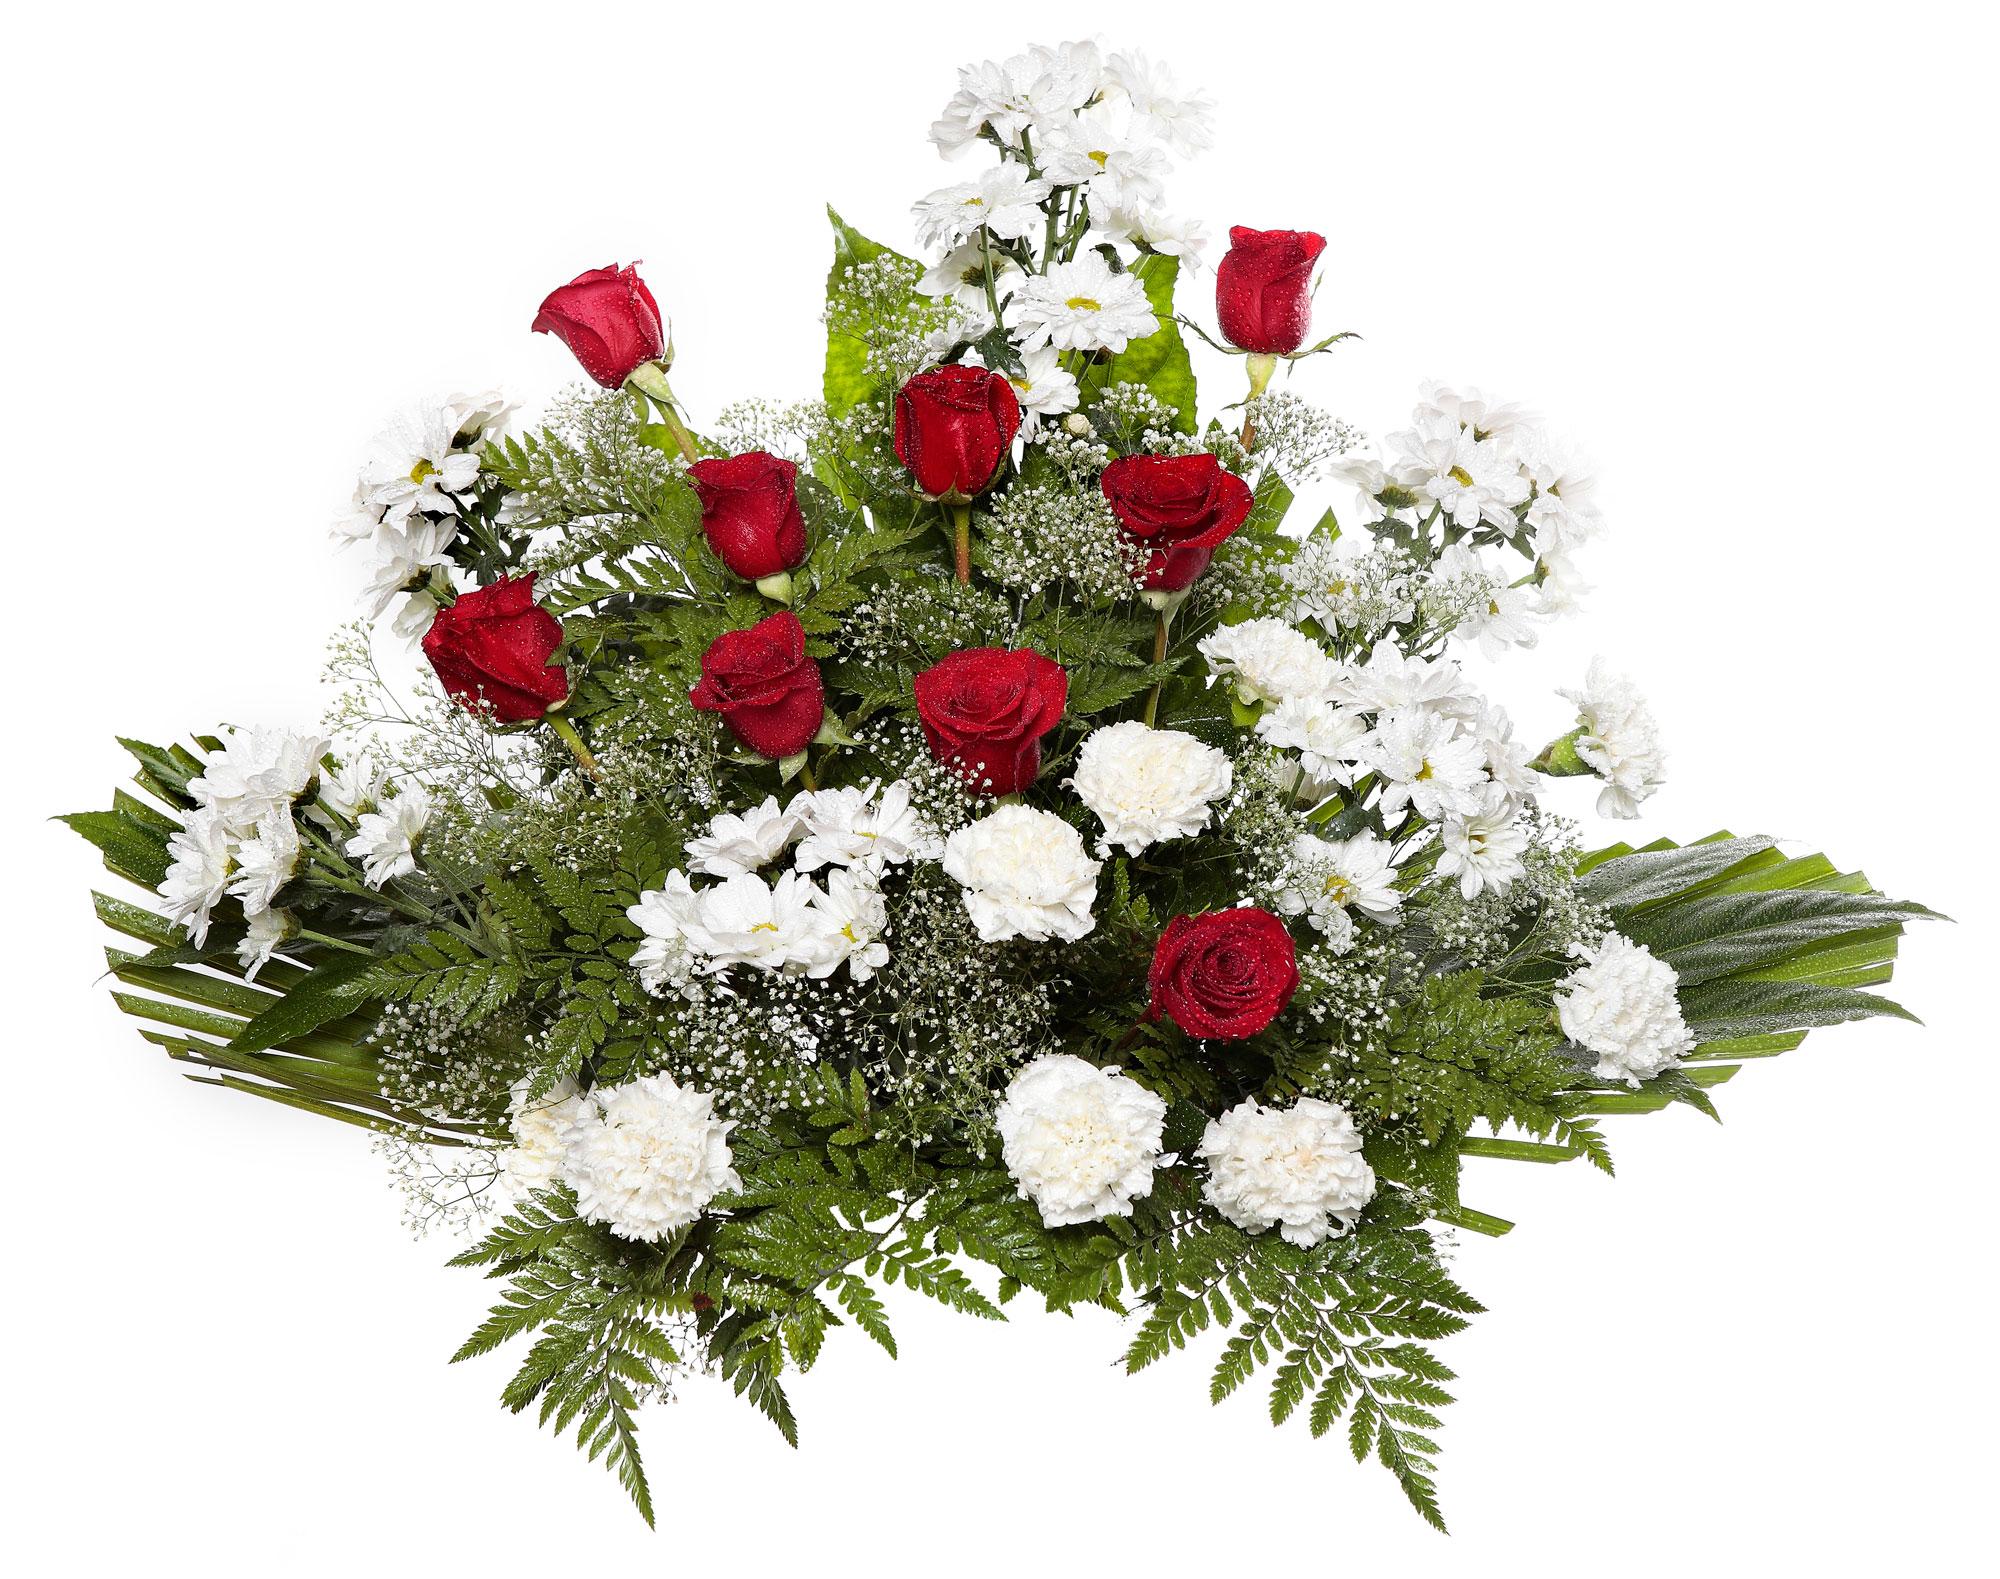 Centro flores modelo 1 tanatorio detalles tanatorios - Hacer un centro de flores ...